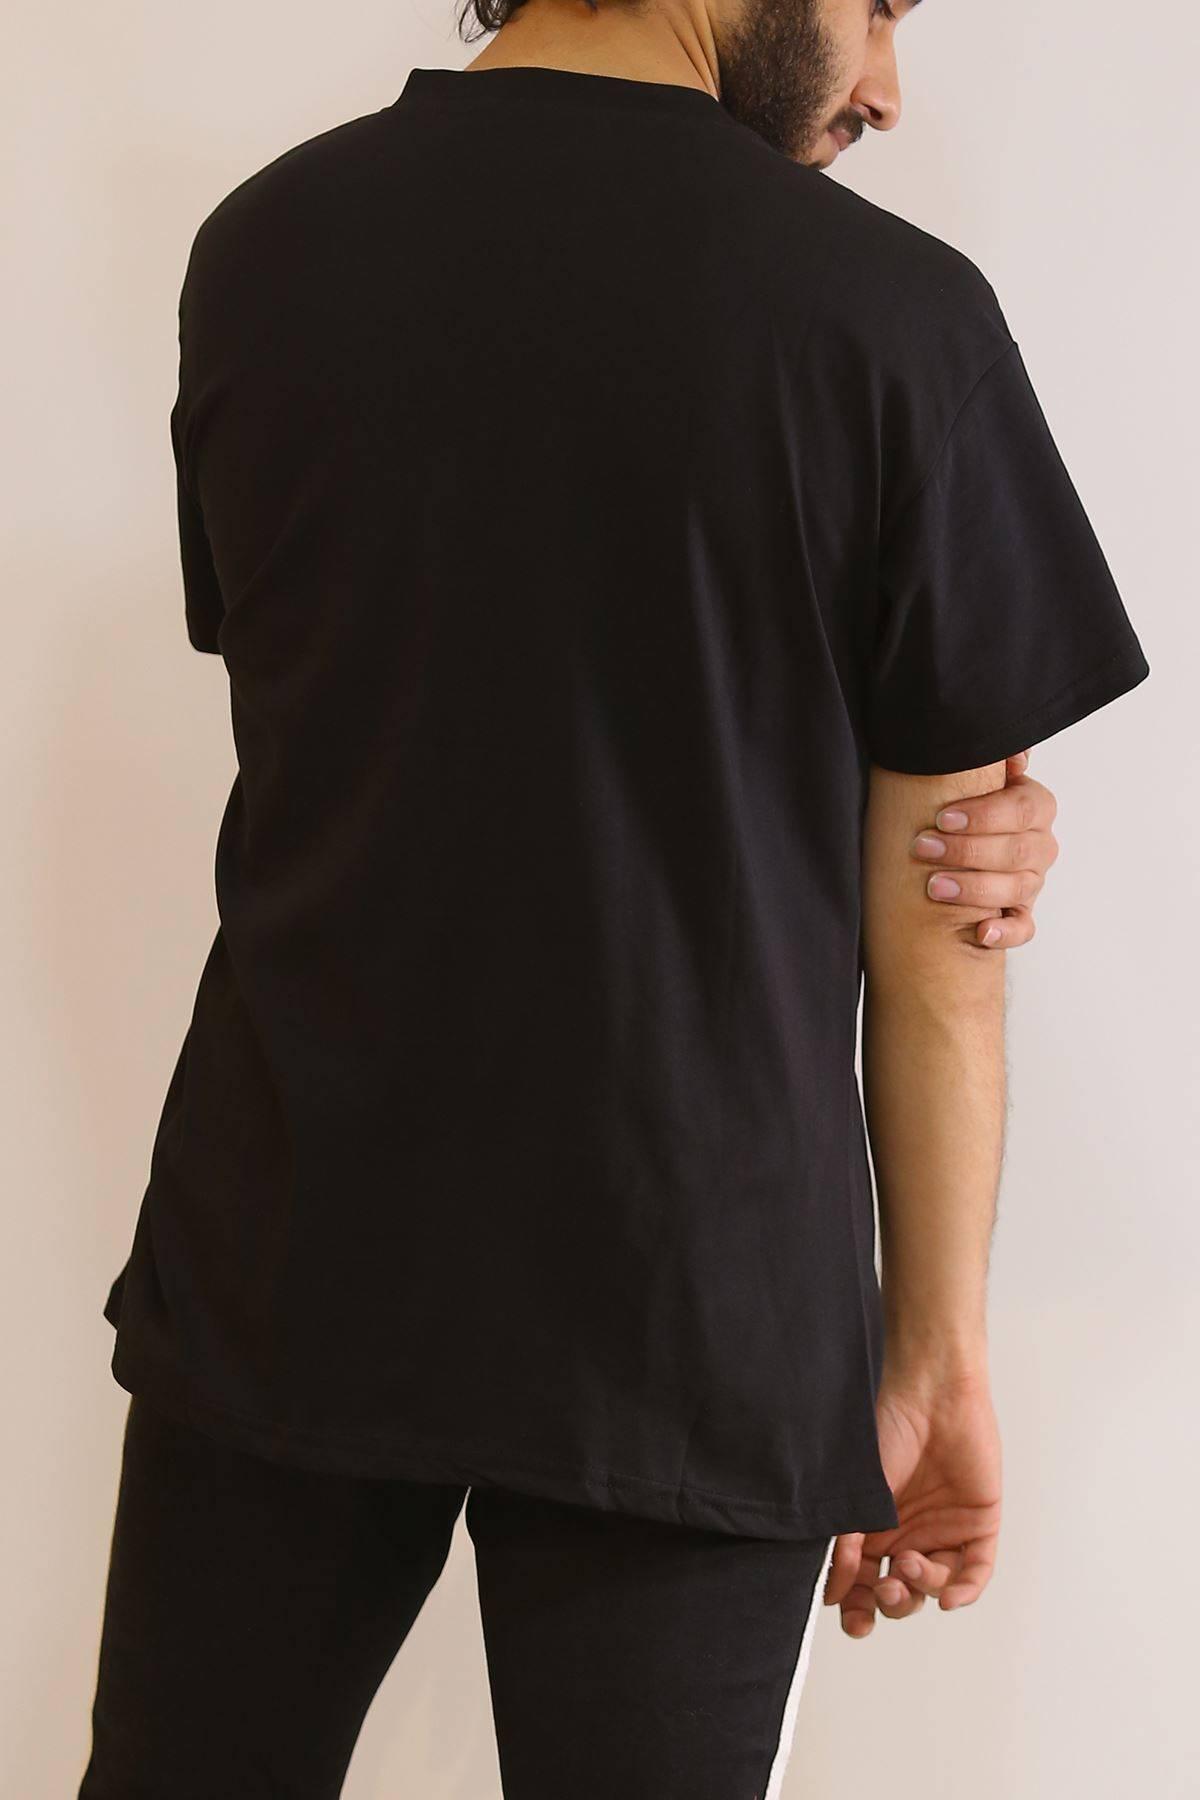 Baskılı Tişört Siyah - 6054.1377.